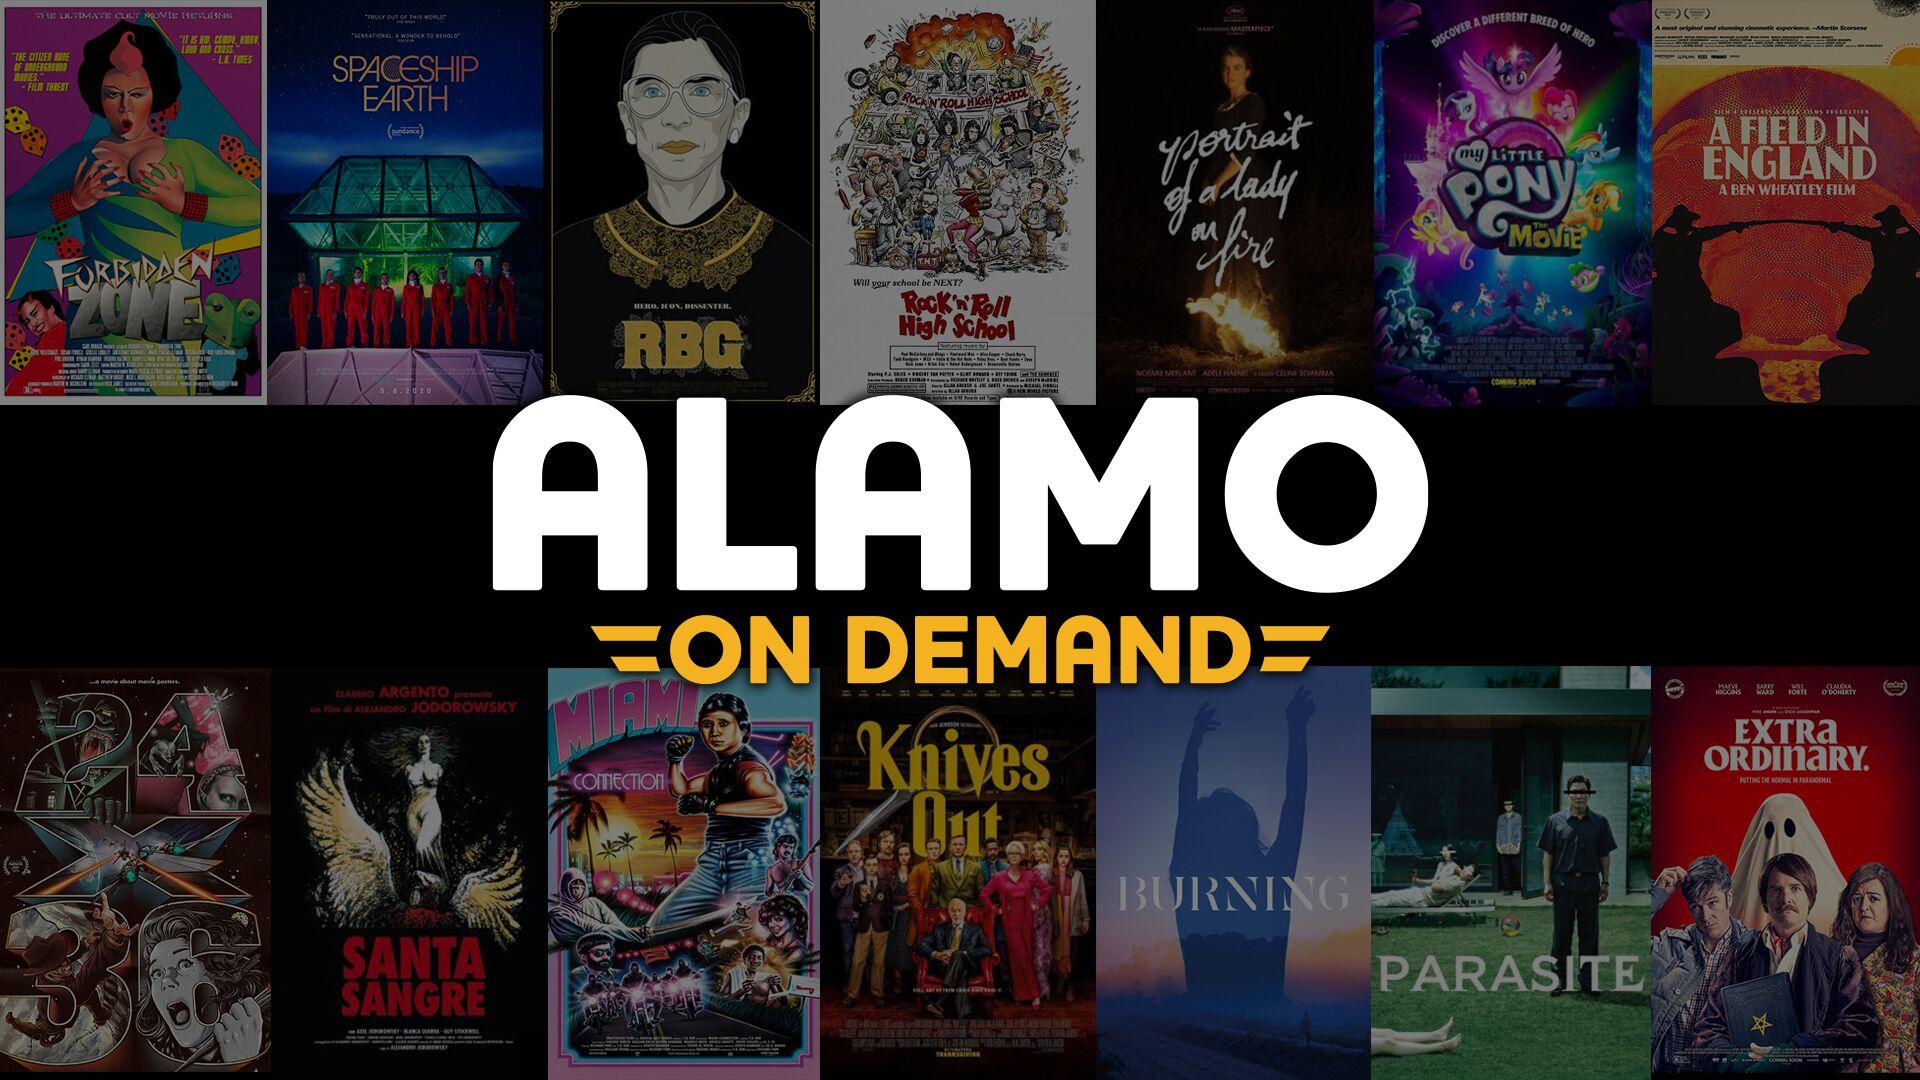 [News] Alamo Drafthouse Launches Alamo On Demand VOD Platform